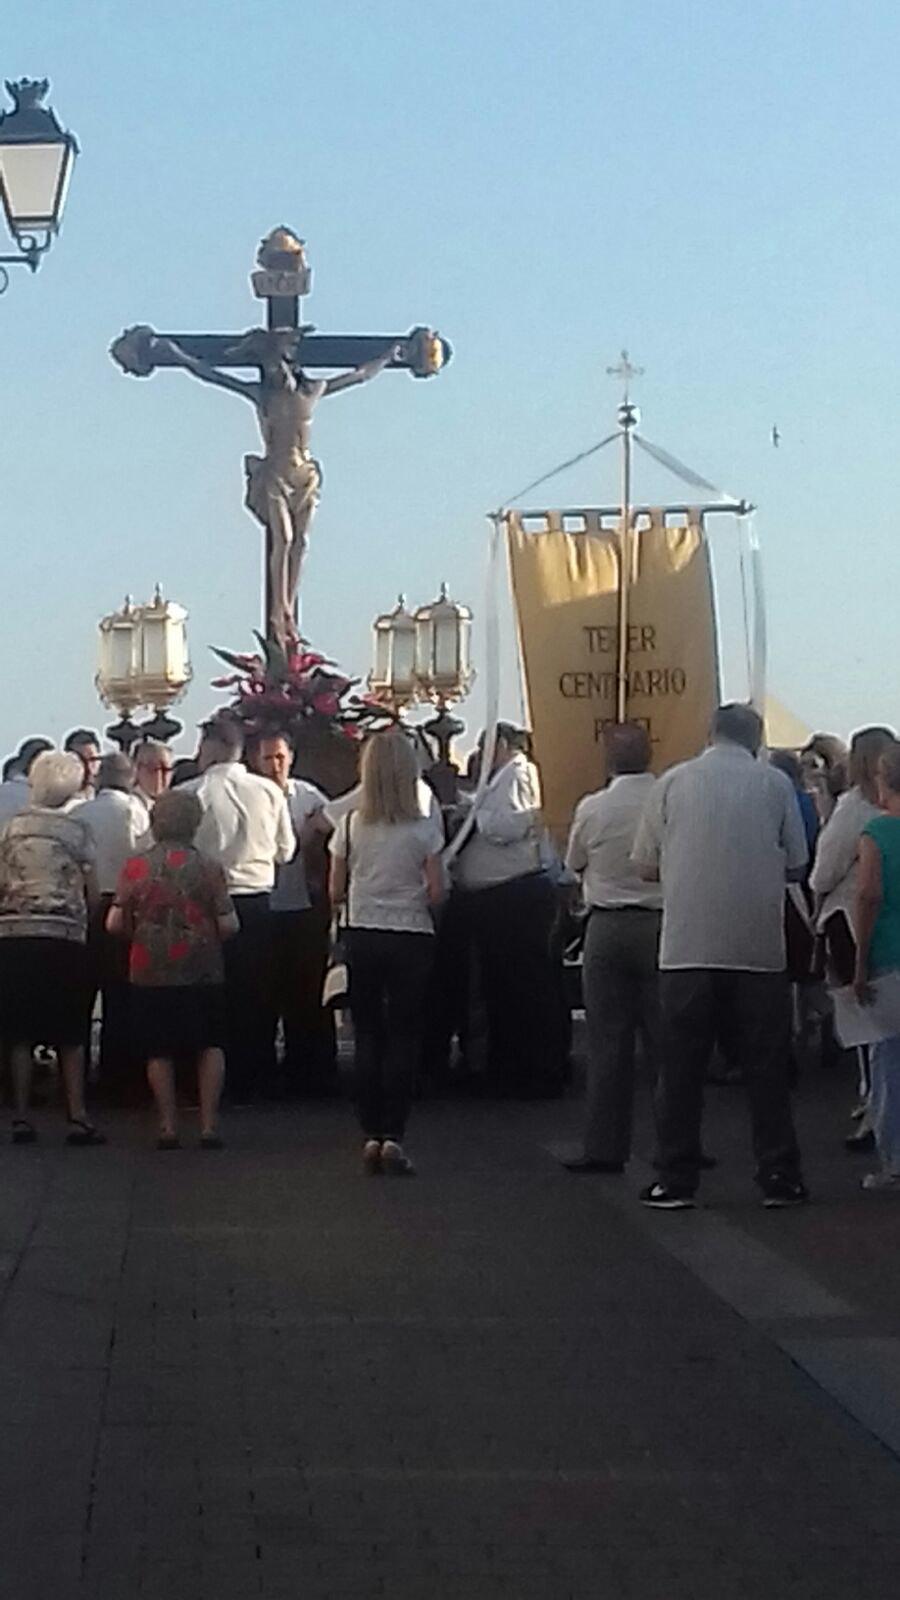 (2017-06-23) Vía Crucis de bajada - Sergio Pérez (09)